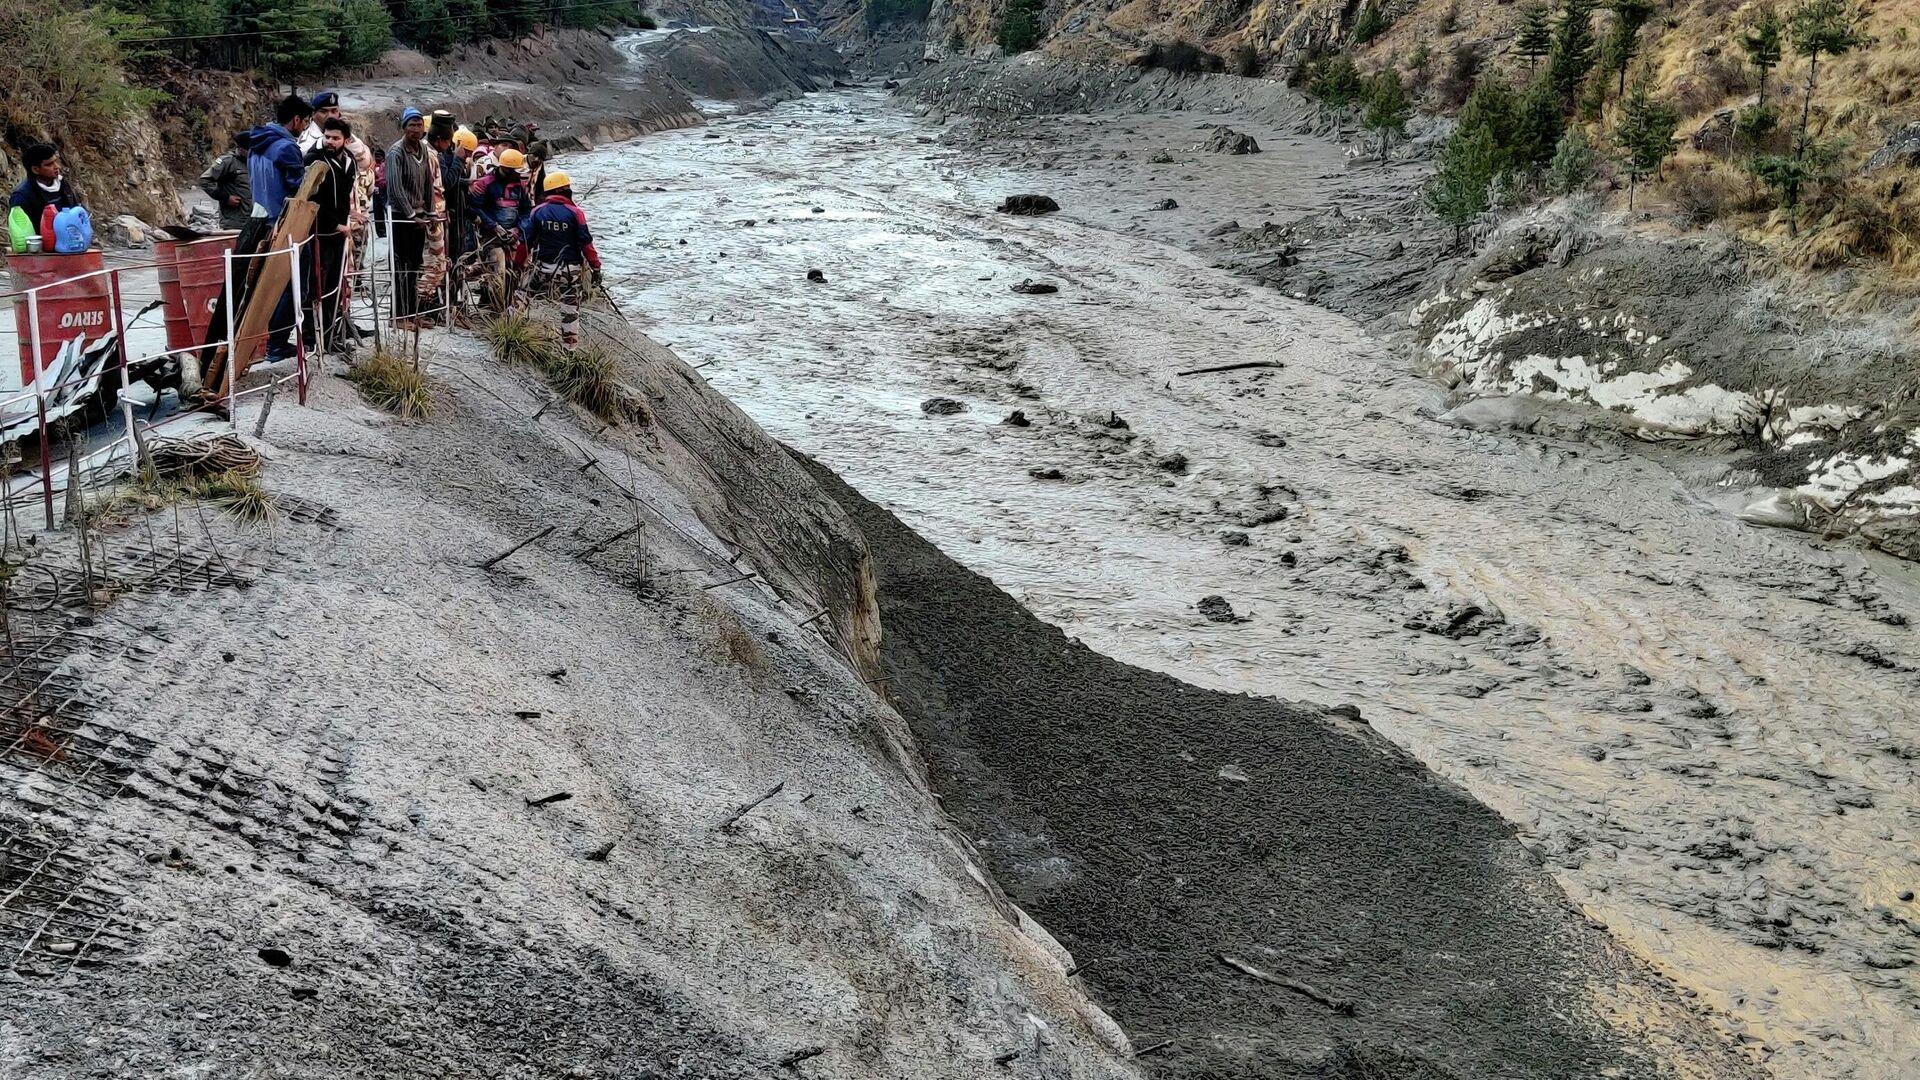 Индо-тибетская пограничная полиция занимается спасением людей после схода ледника в районе строящейся электростанции в штате Уттаракханд, Индия - РИА Новости, 1920, 19.02.2021